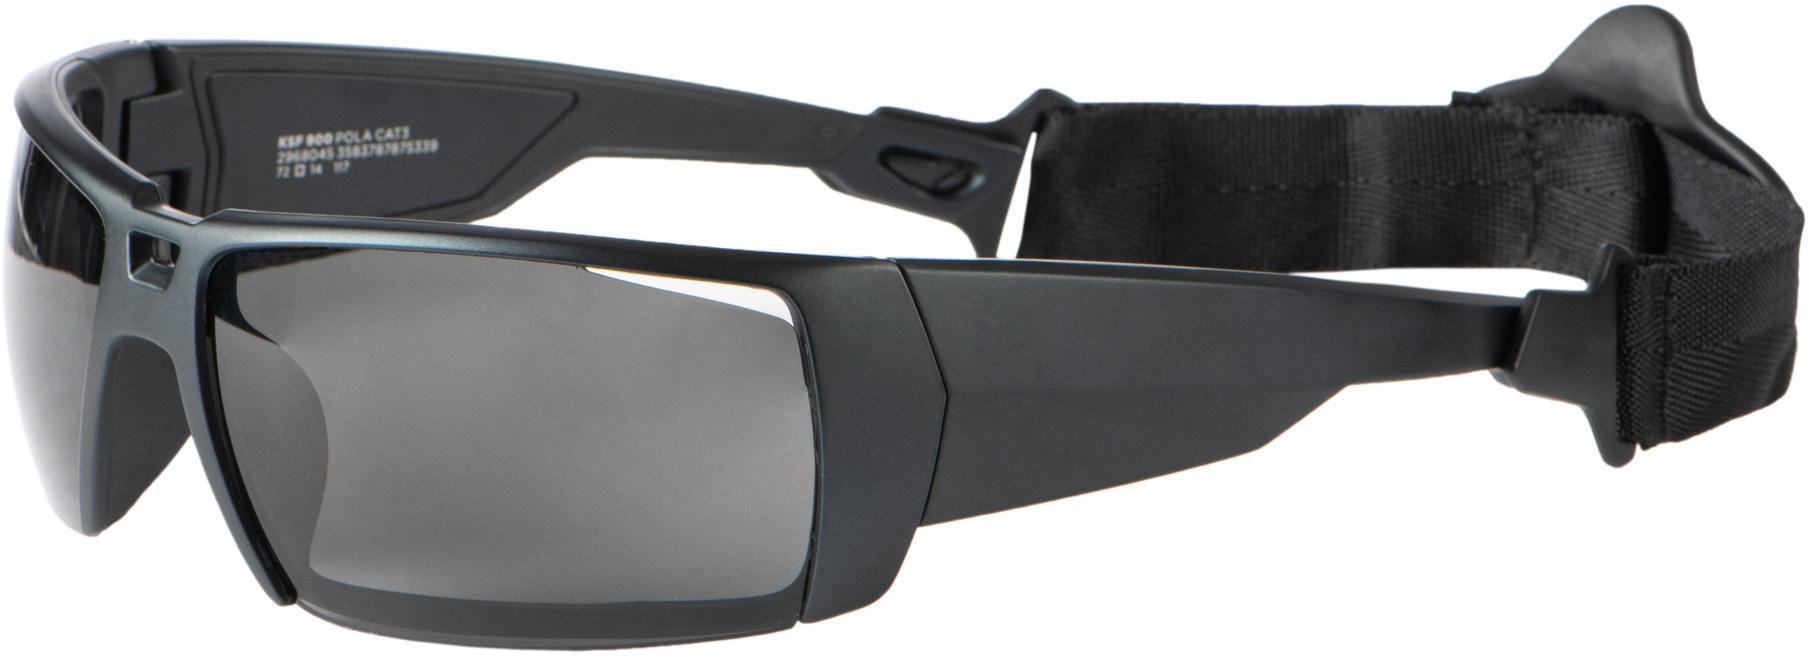 Okulary Przeciwsłoneczne Do Kitesurfingu Ksf 900 Polaryzacyjne Kat 3